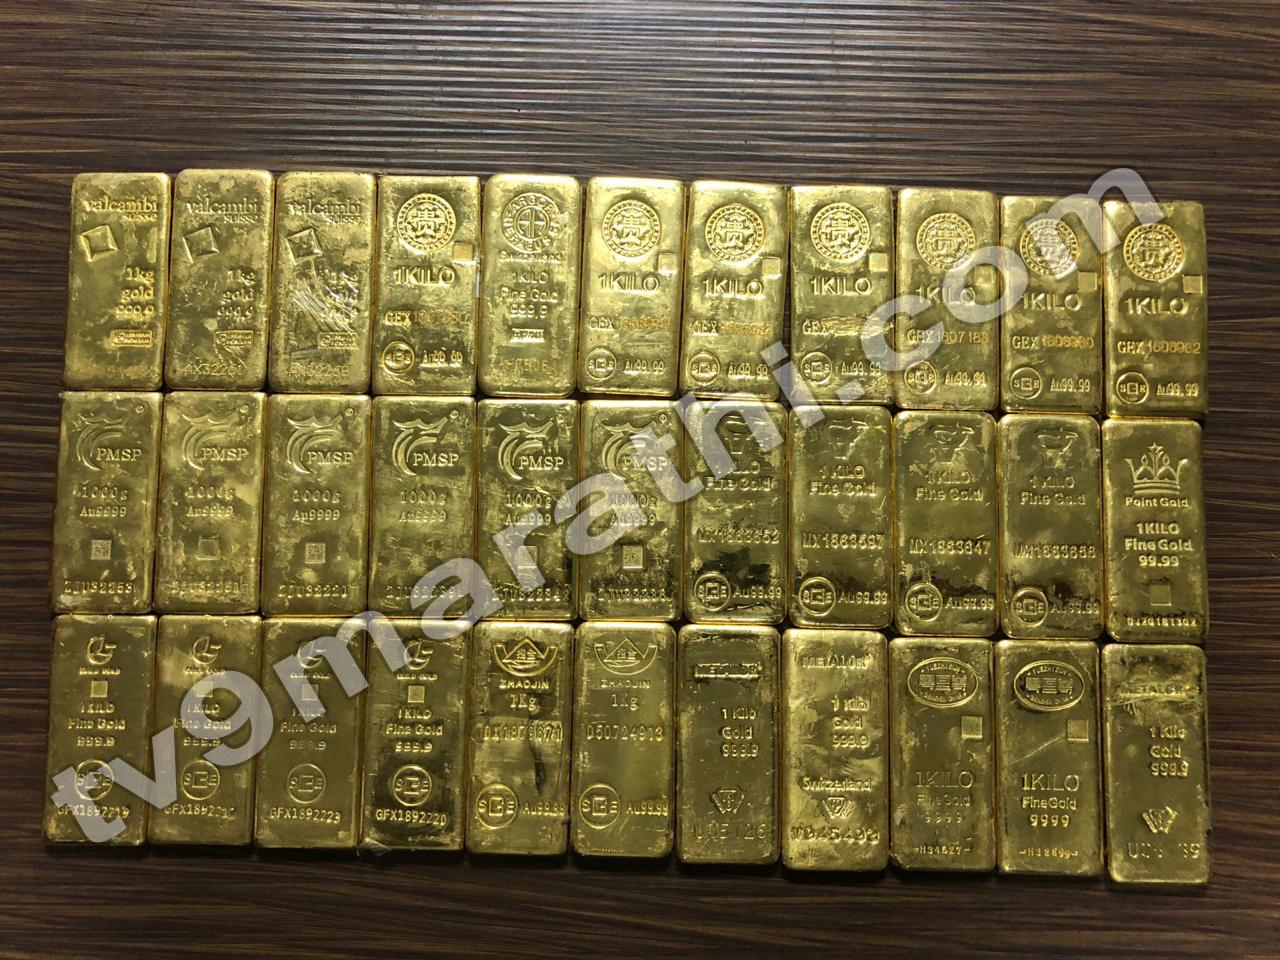 स्मगलिंगच्या मोठ्या रॅकेटचा पर्दाफाश, तब्बल 66 किलो सोनं जप्त